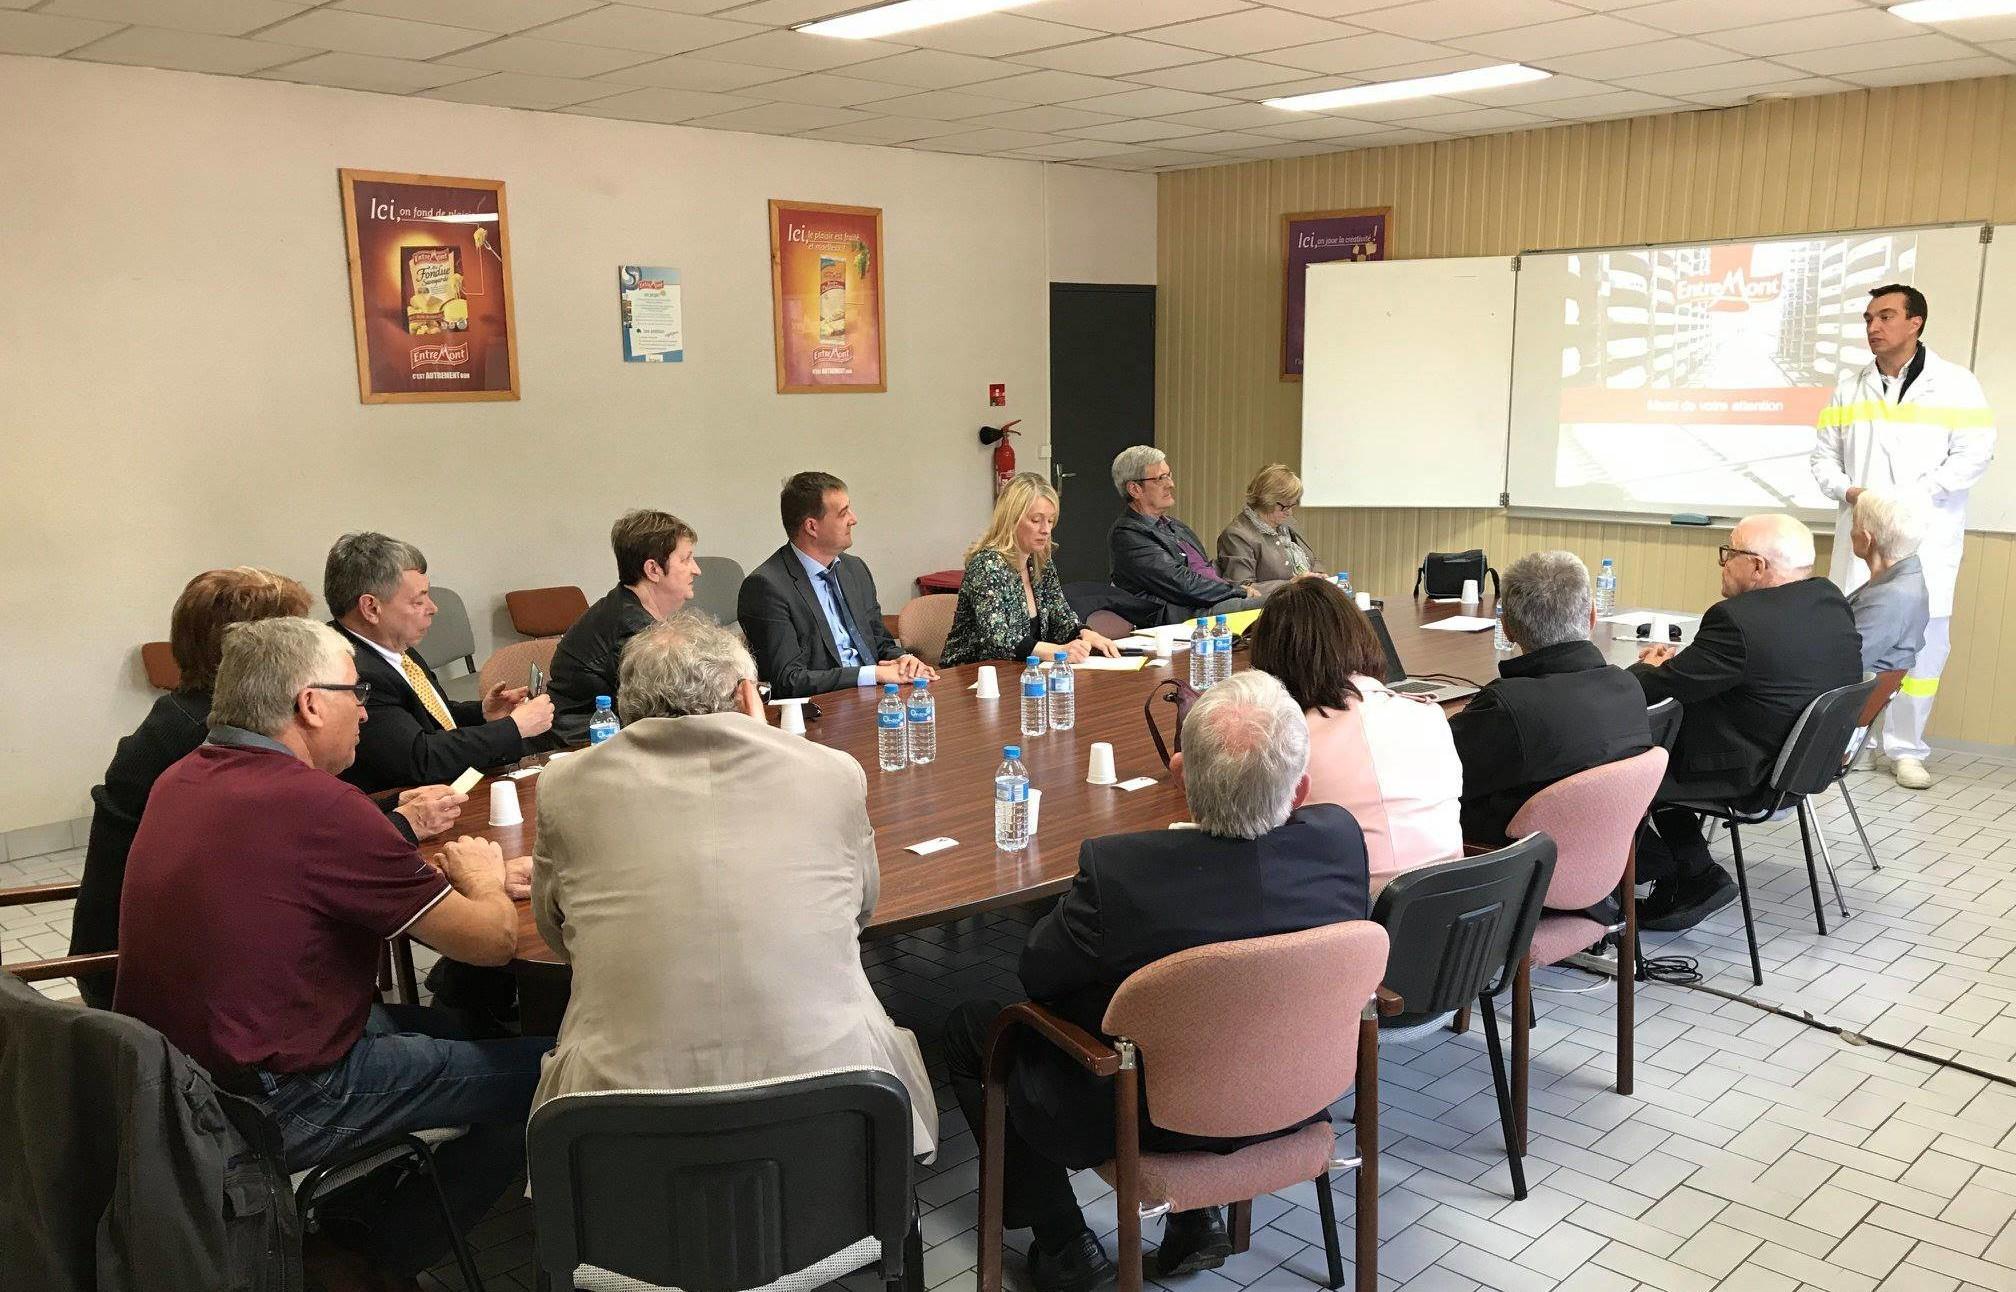 04-05-2018 Rencontre et discussion d'enjeux économiques de la région